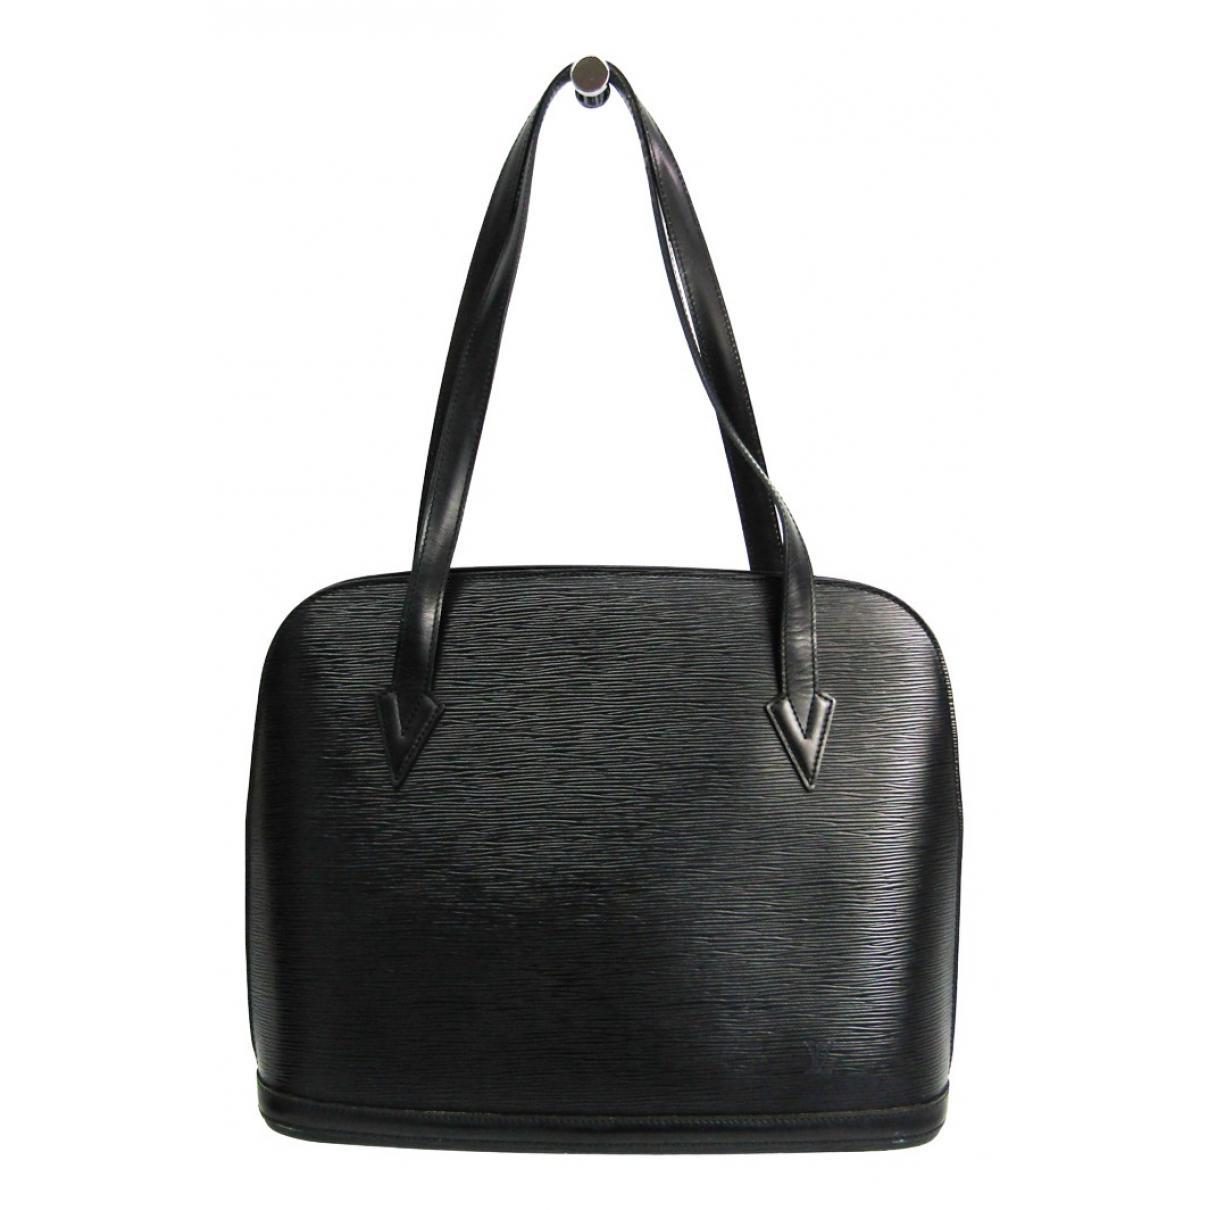 Louis Vuitton - Sac a main Lussac pour femme en cuir - noir